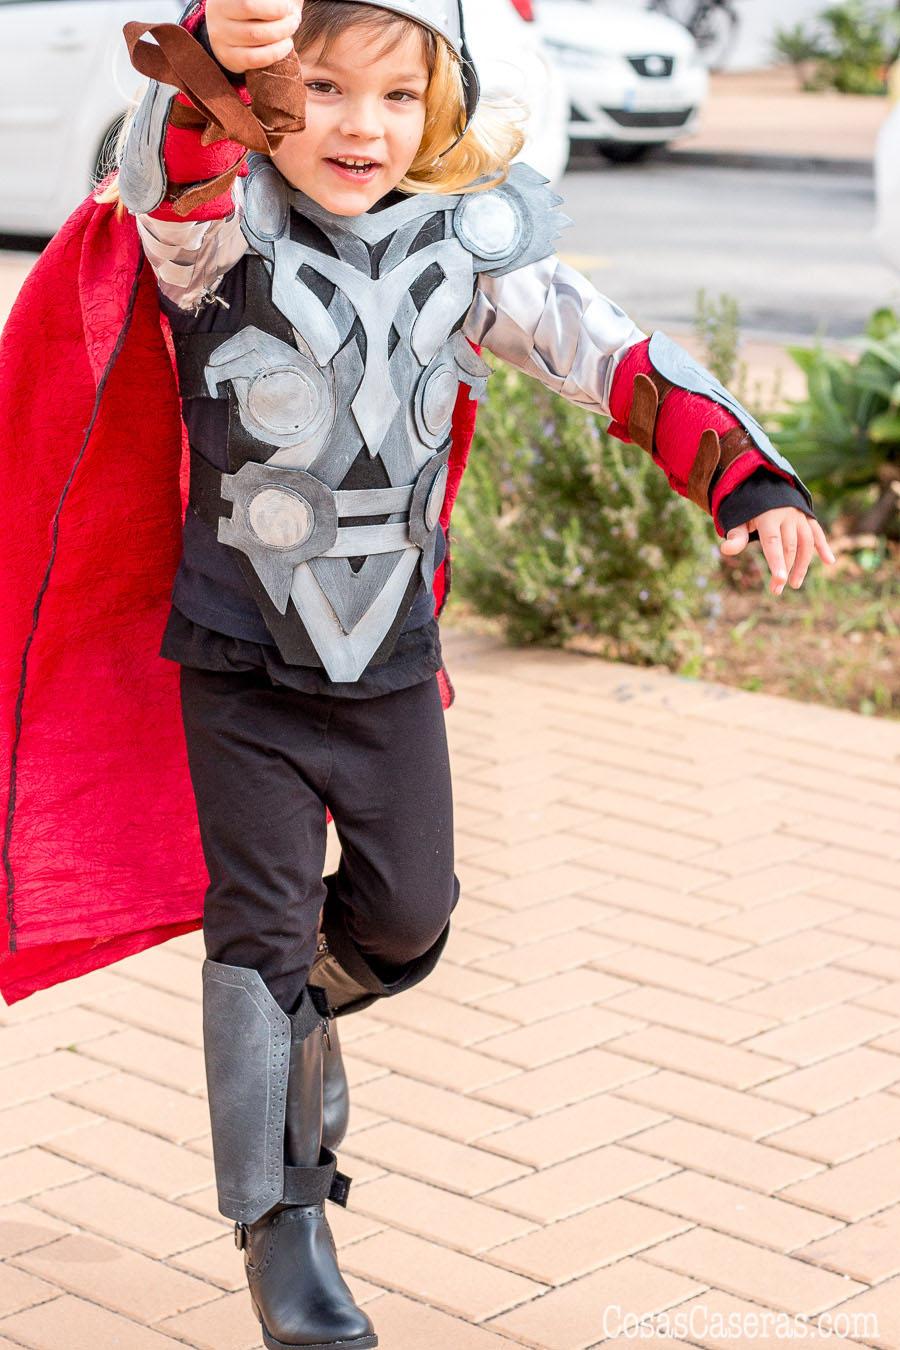 Disfraz De Thor Casero Y Como Hacer El Martillo De Thor Cosas Caseras - Como-hacer-un-disfraz-casero